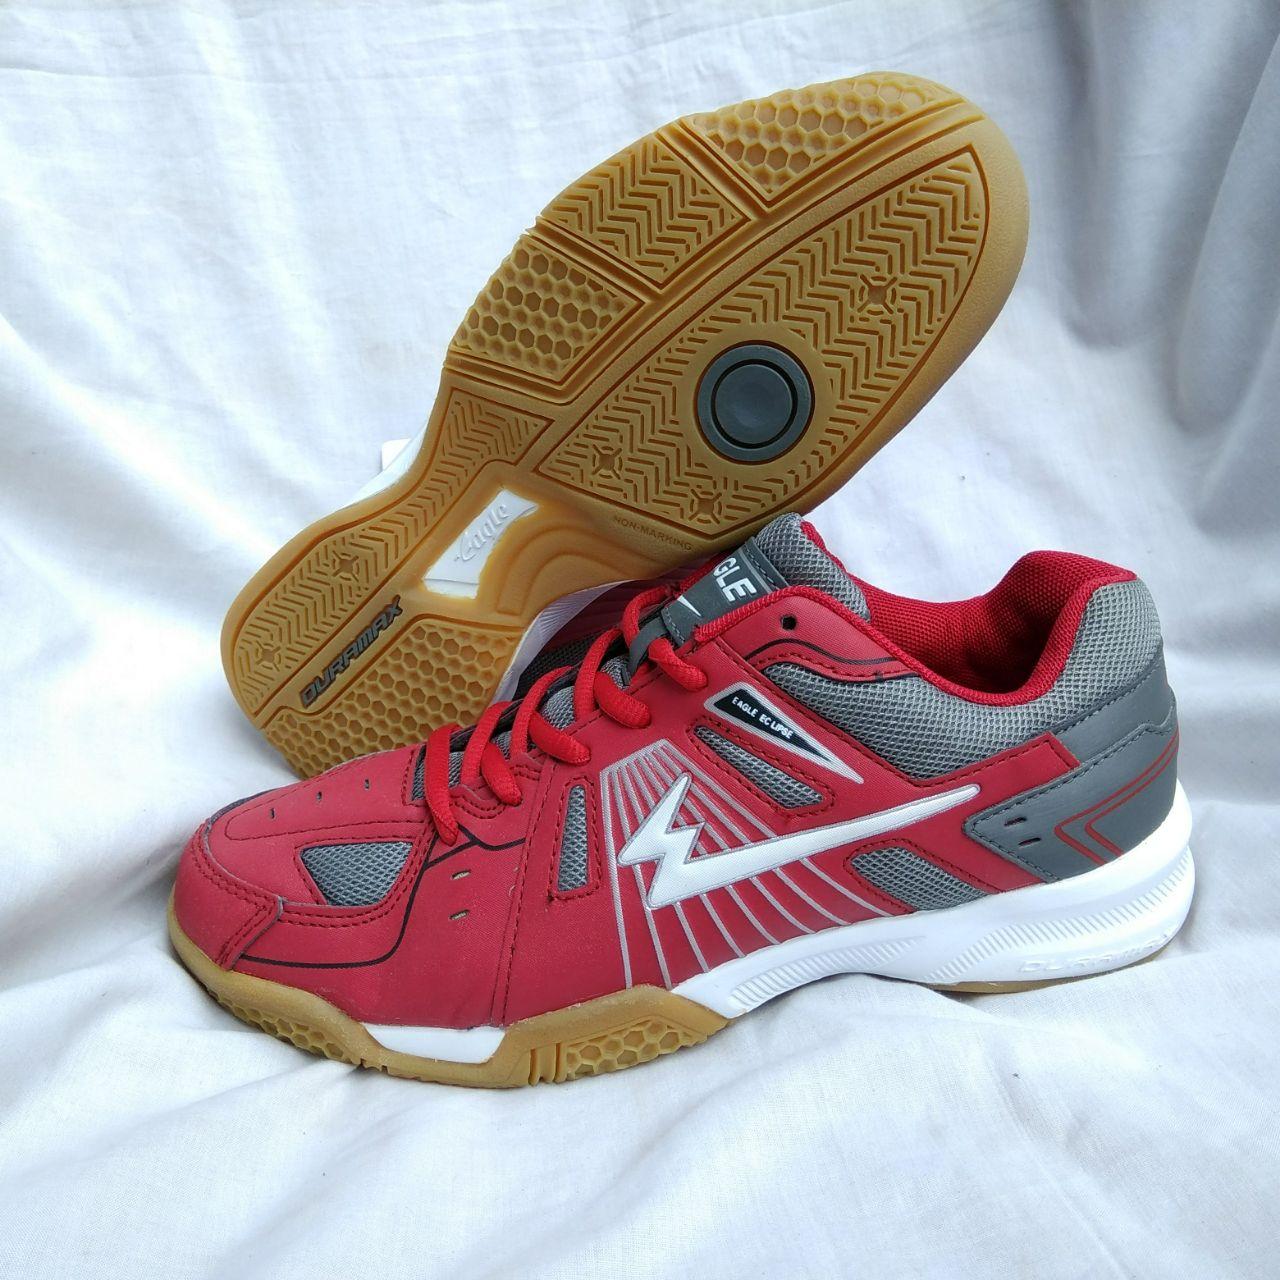 Galeth Sepatu Kualitas Sempurna Dan Original Eagle Eclipse Badminton Bulutangkis